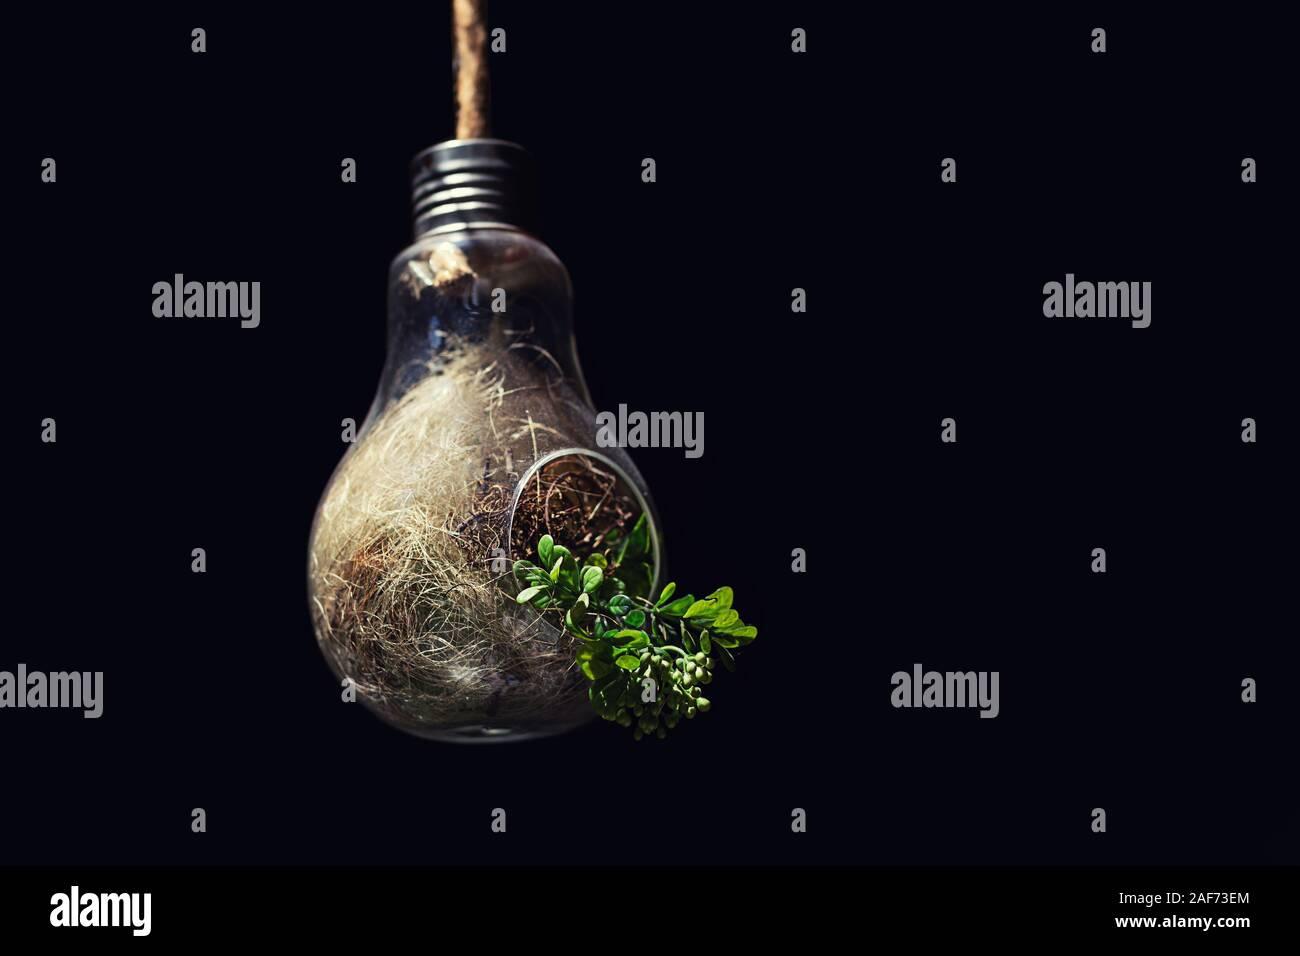 El concepto de la conservación del medio ambiente y con la planta de energía verde que crece en su interior bombilla Foto de stock